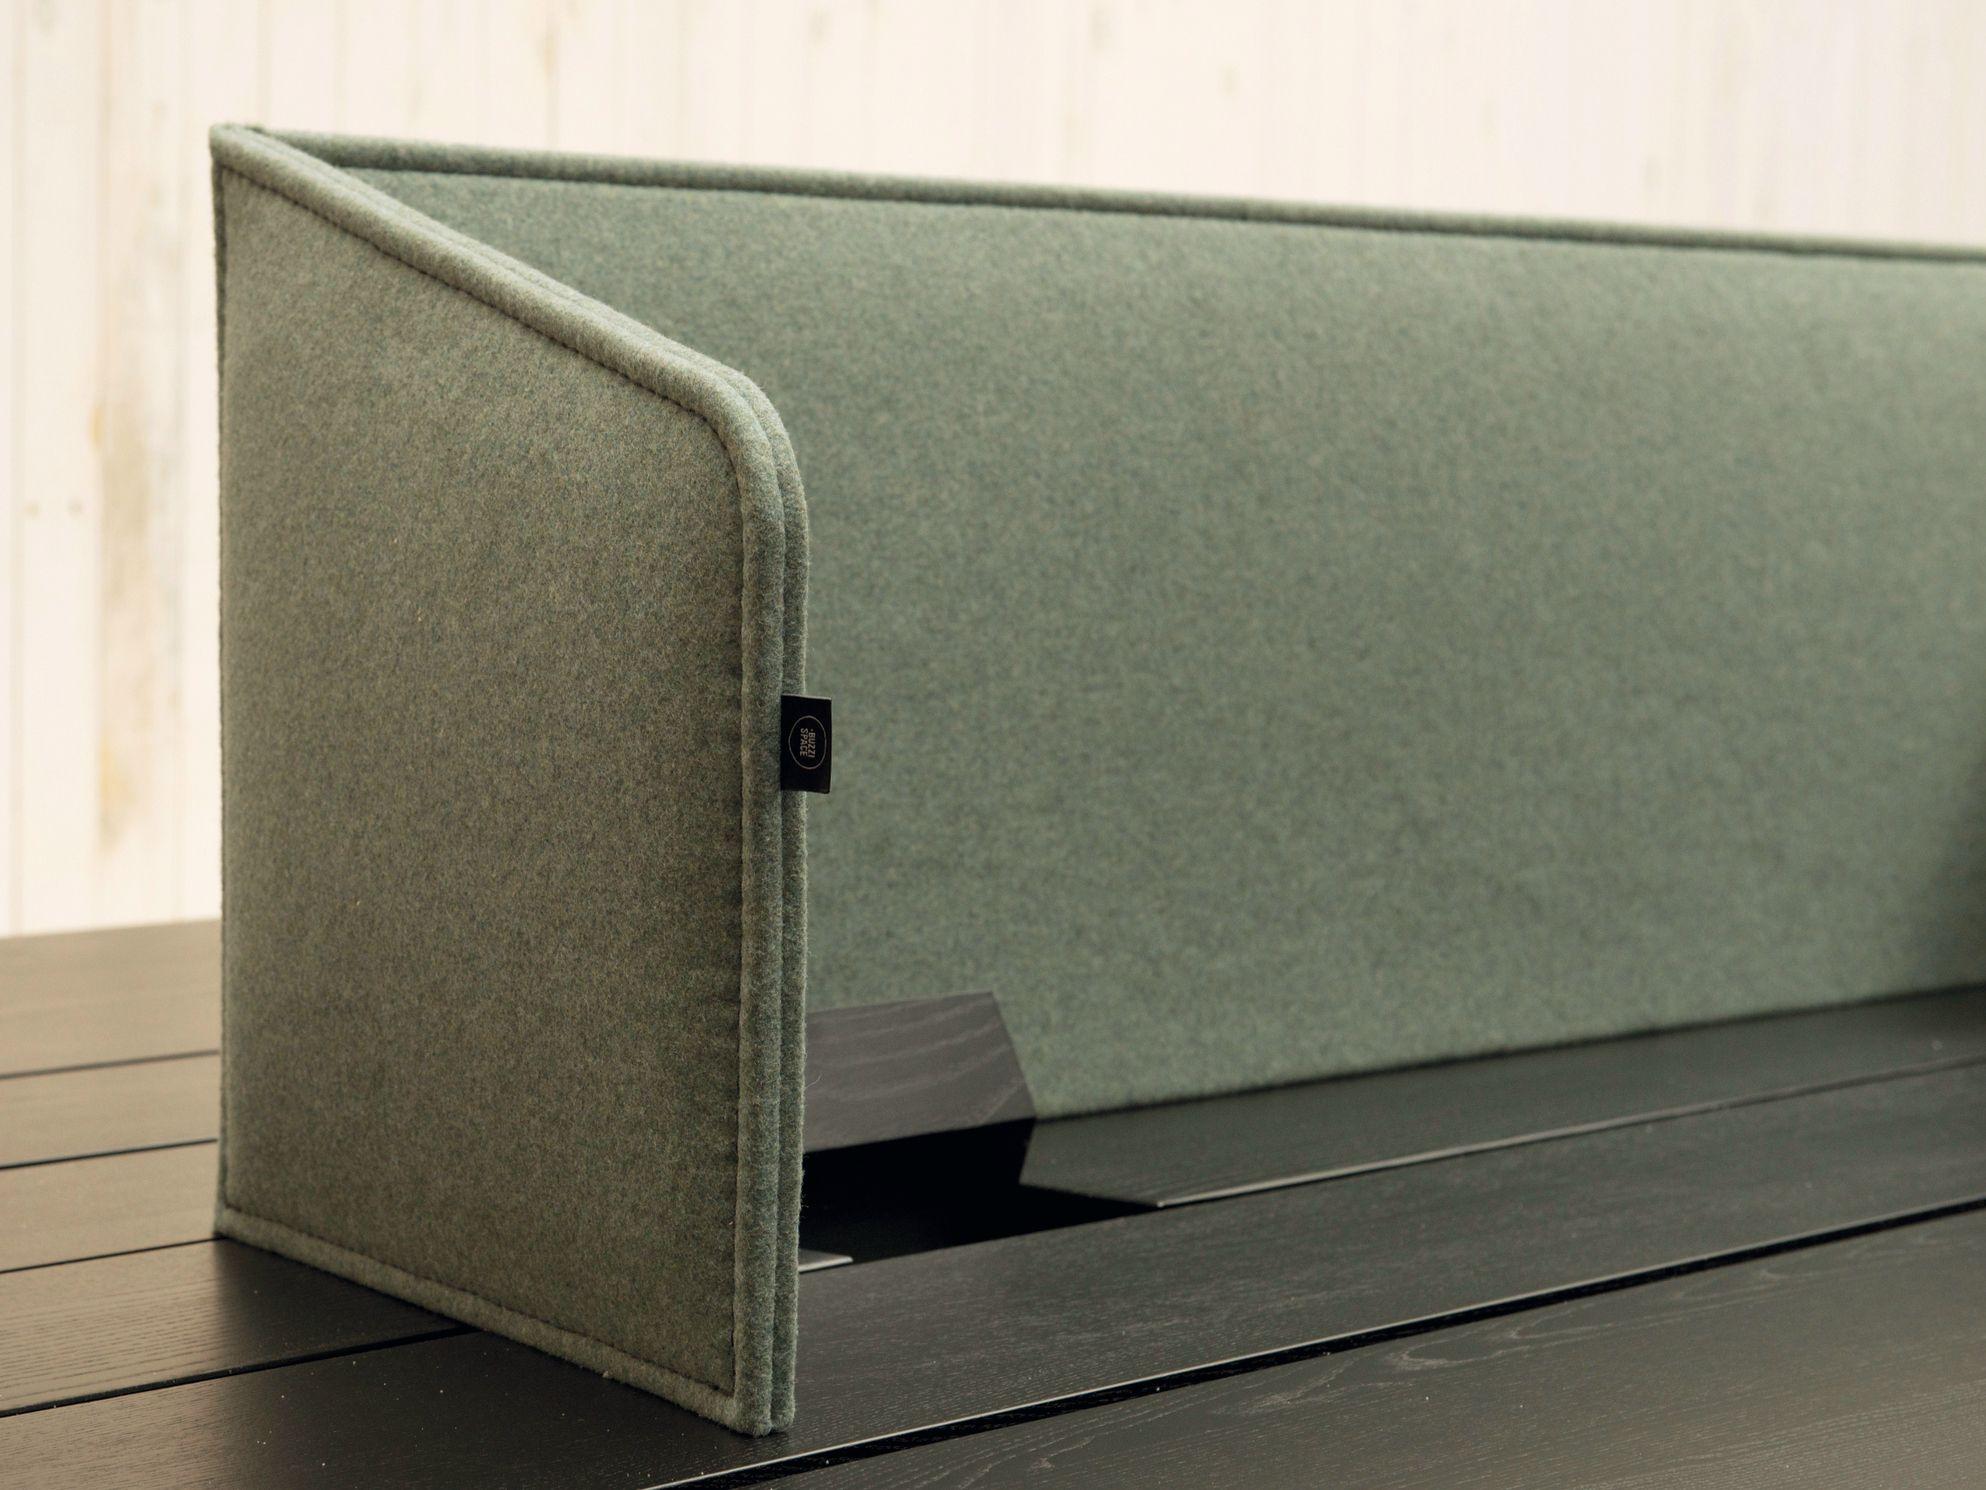 panneau s parateur de bureau buzzidesk flipflop by buzzispace design alain gilles. Black Bedroom Furniture Sets. Home Design Ideas